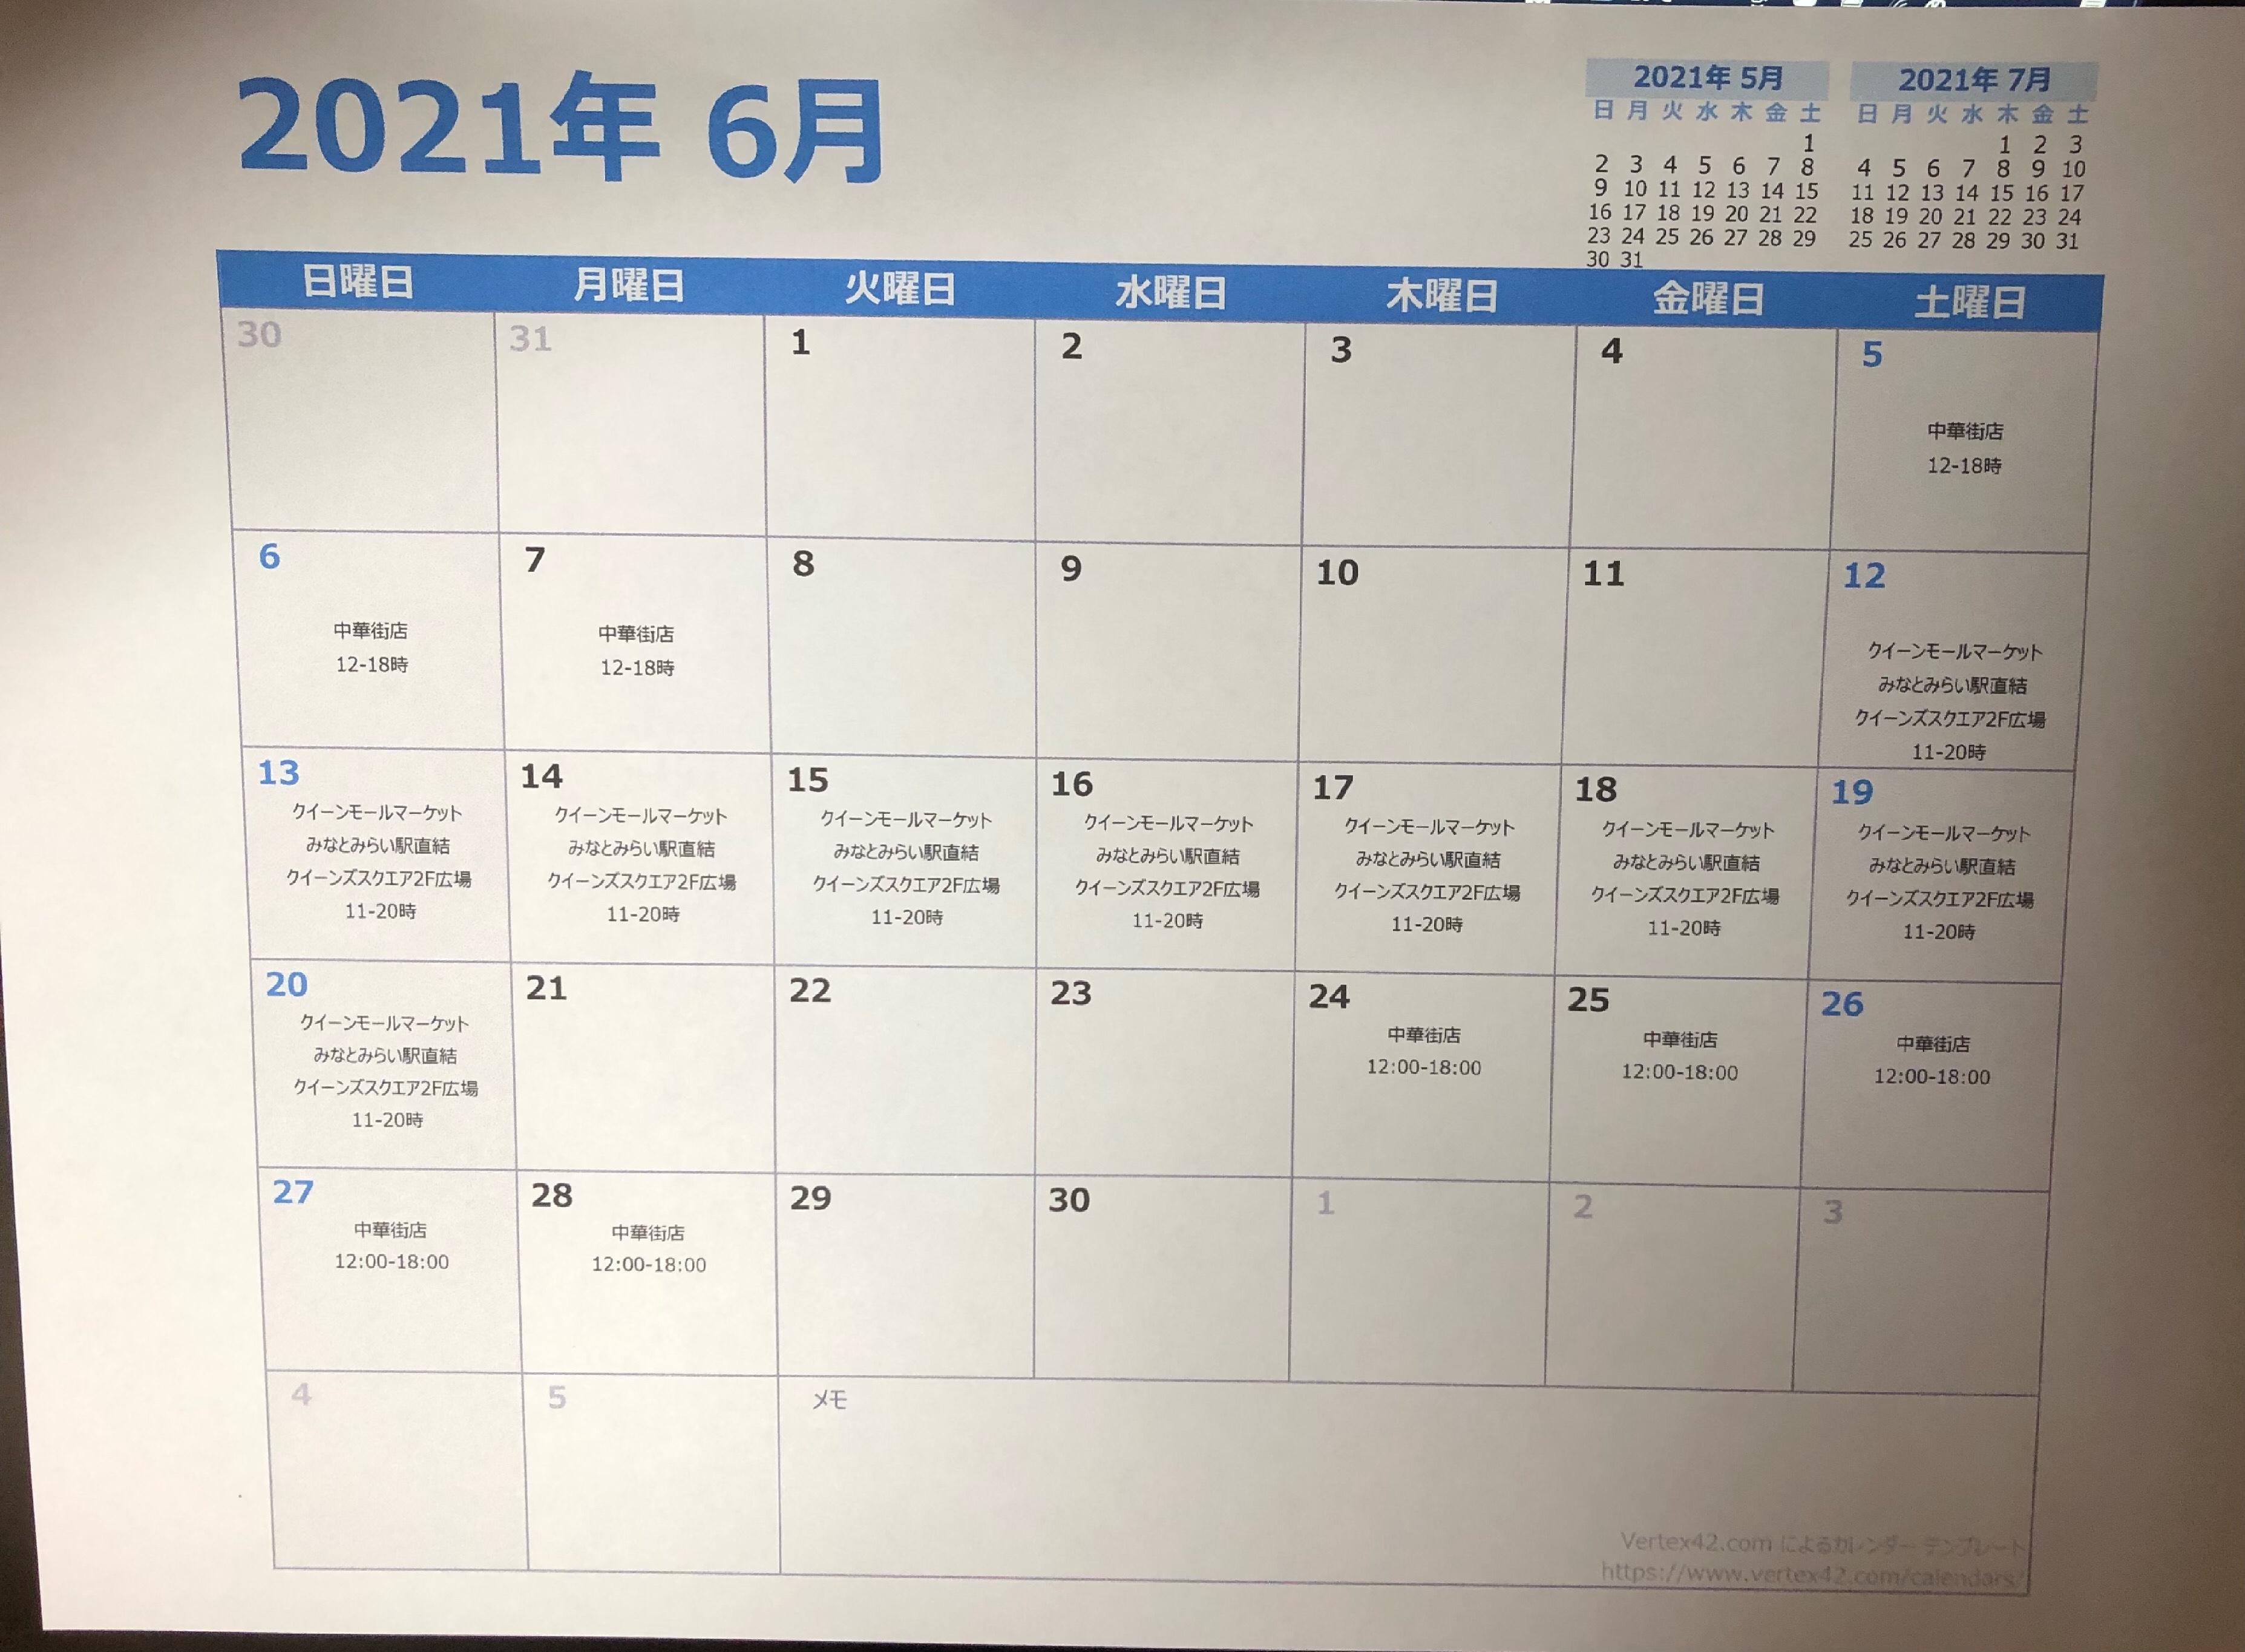 6月の予定表です。変更になりました。